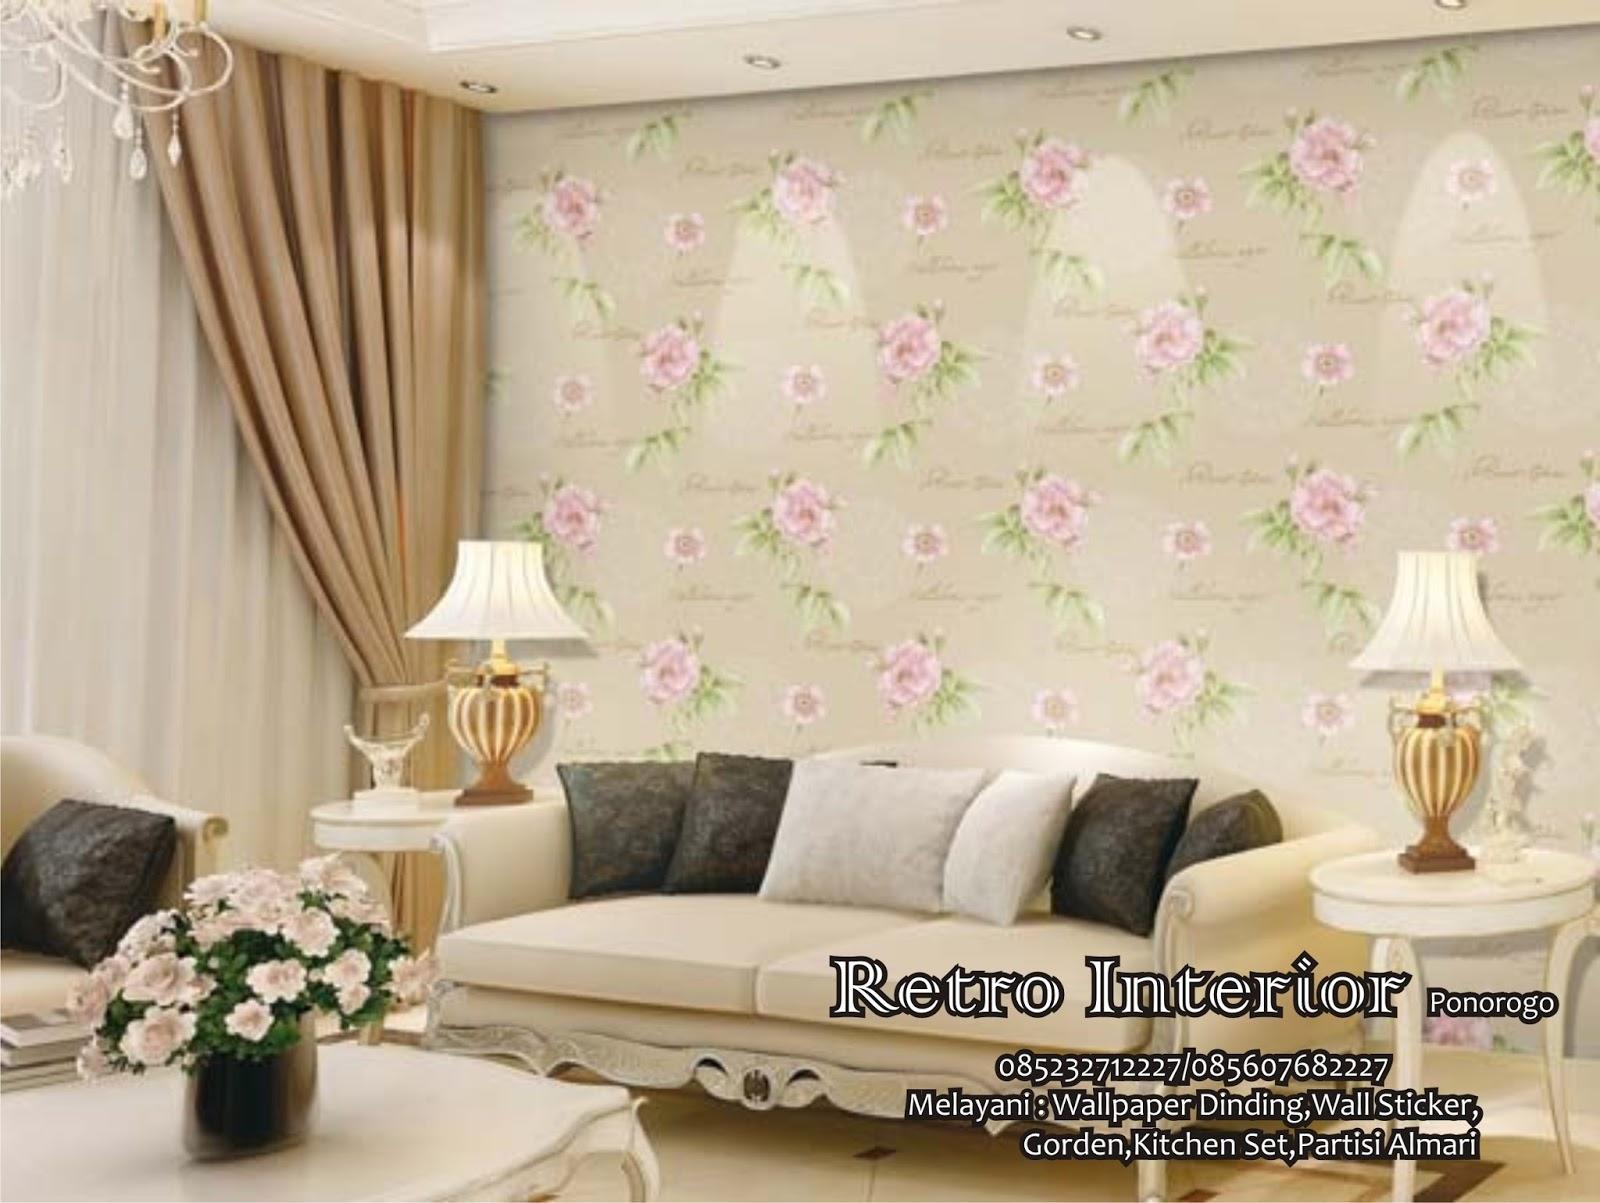 TOKO WALLPAPER DINDING MADIUN 085232712227  085607682227  Ruang Tamu Minimalis Wallpaper Dinding